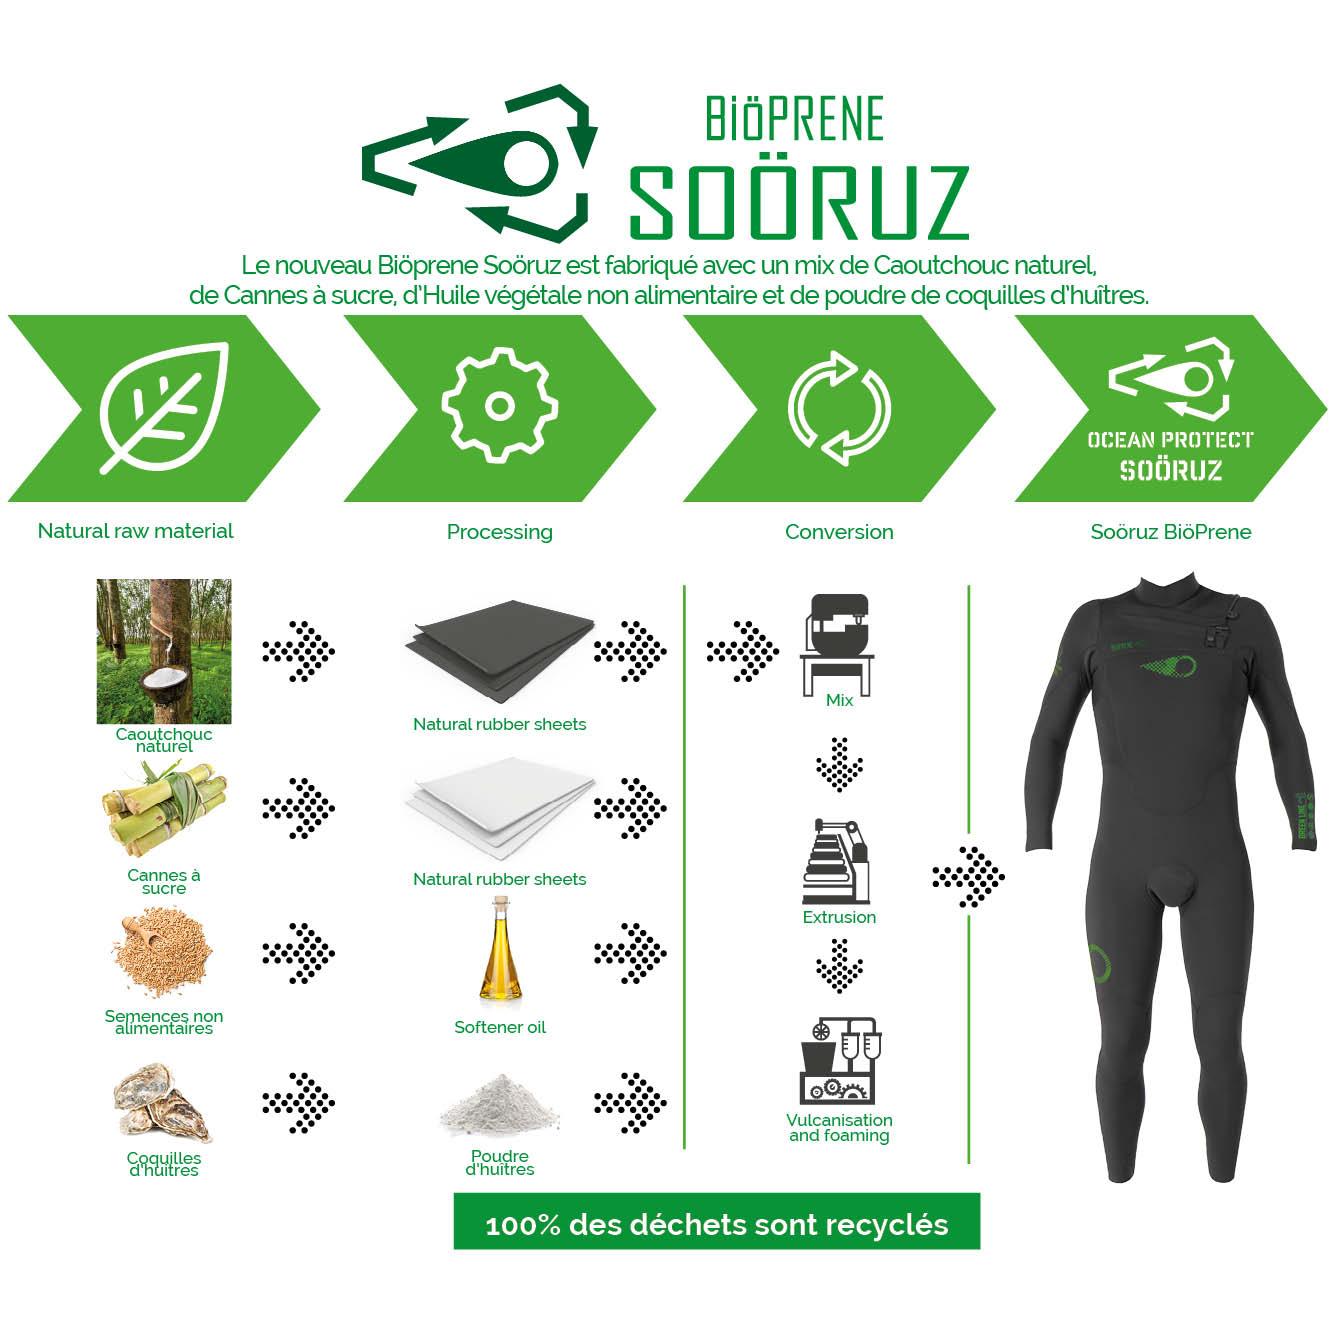 combinaisons écologiques en bioprene Sooruz